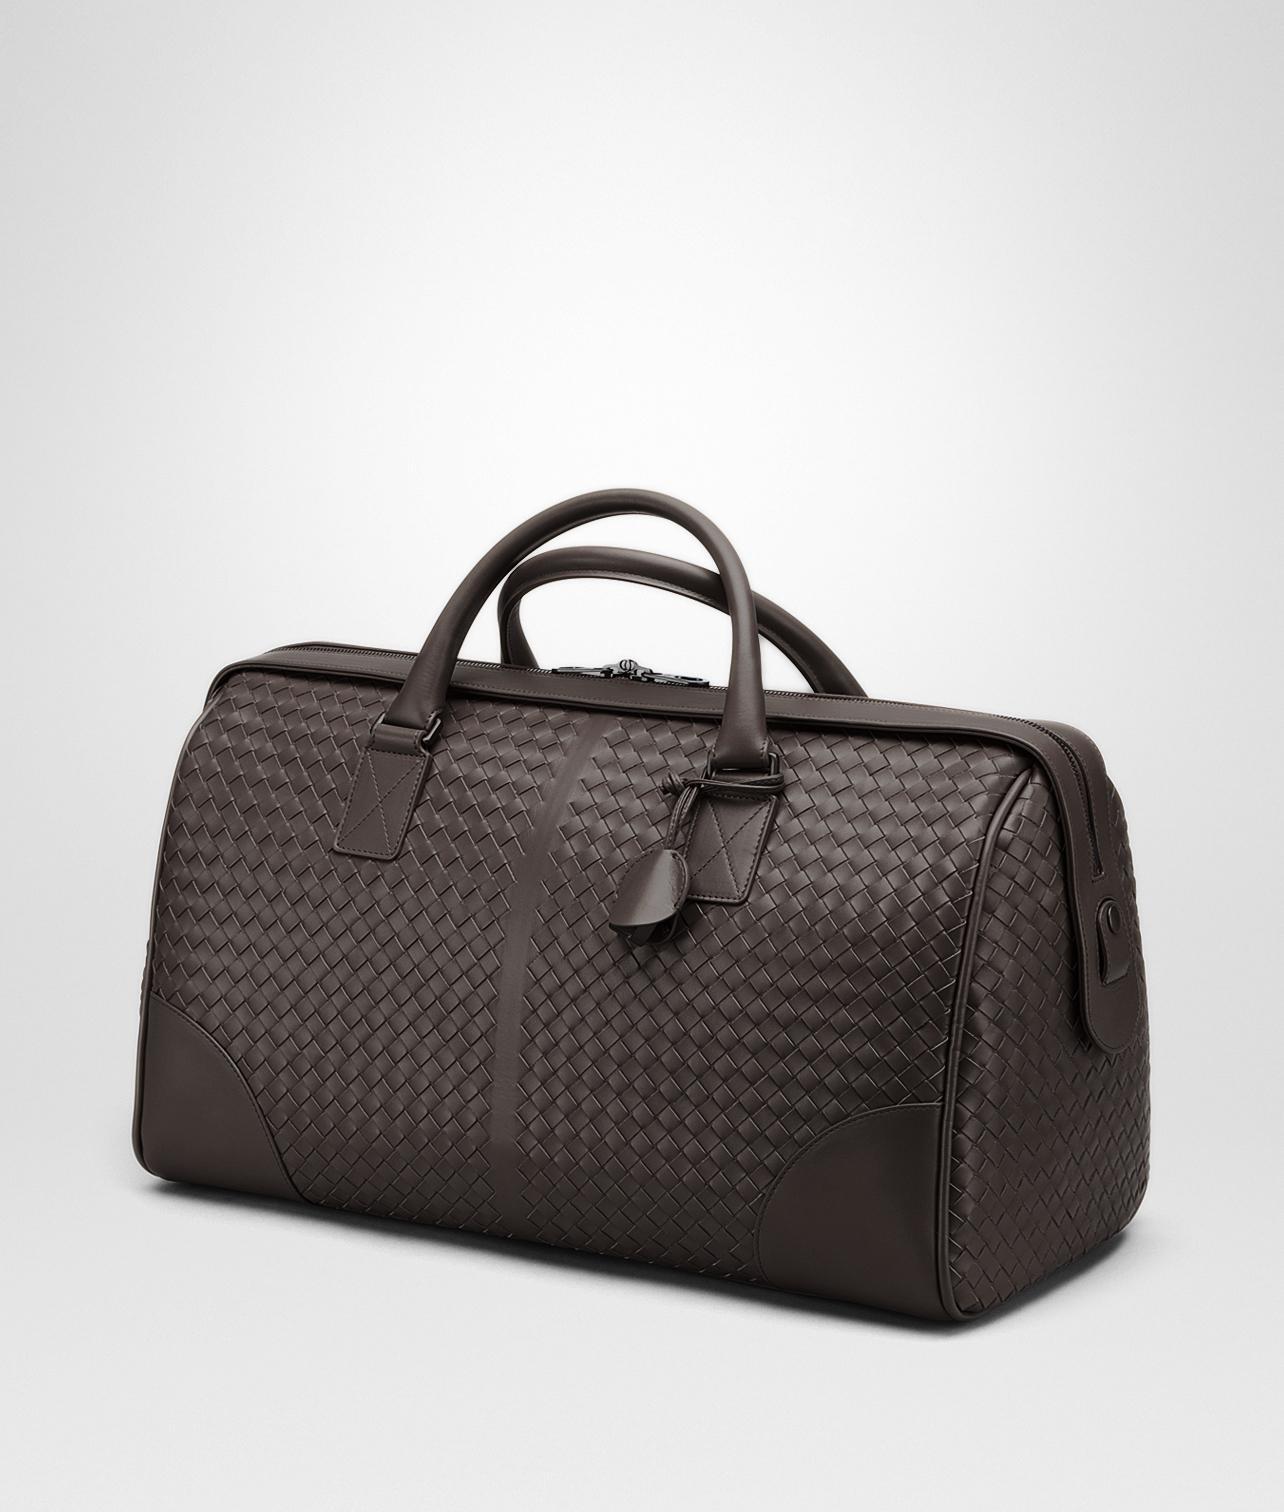 fa2643cd7263c Lyst - Bottega Veneta Medium Duffle Bag in Brown